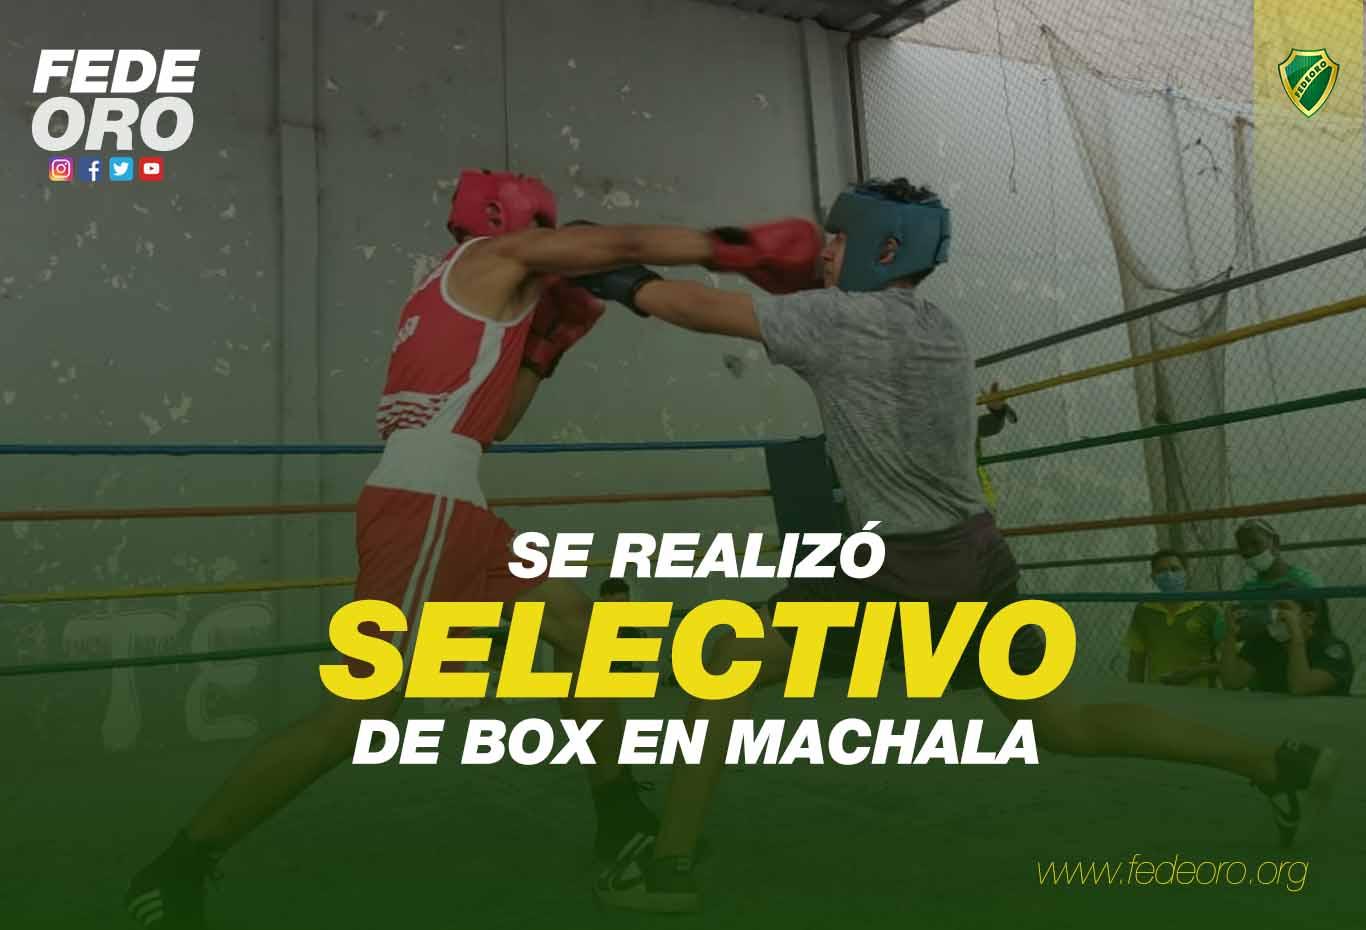 SE REALIZÓ SELECTIVO DE BOX EN MACHALA